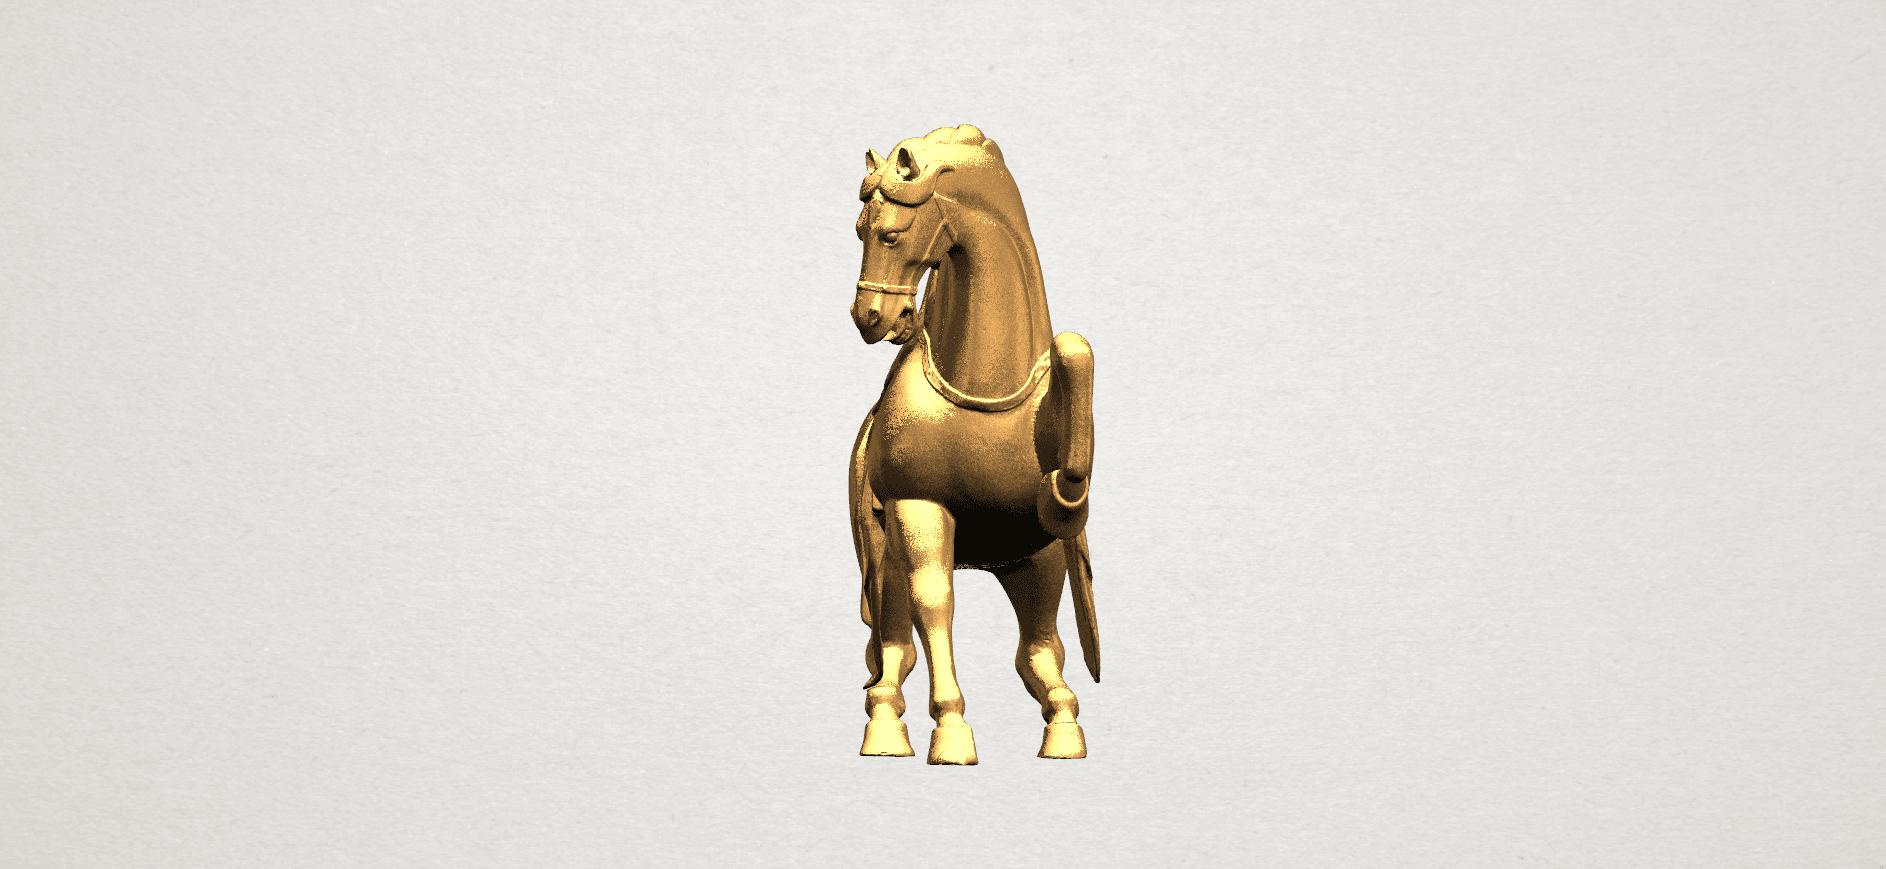 Horse III - B03.png Télécharger fichier STL gratuit Cheval 03 • Design imprimable en 3D, GeorgesNikkei